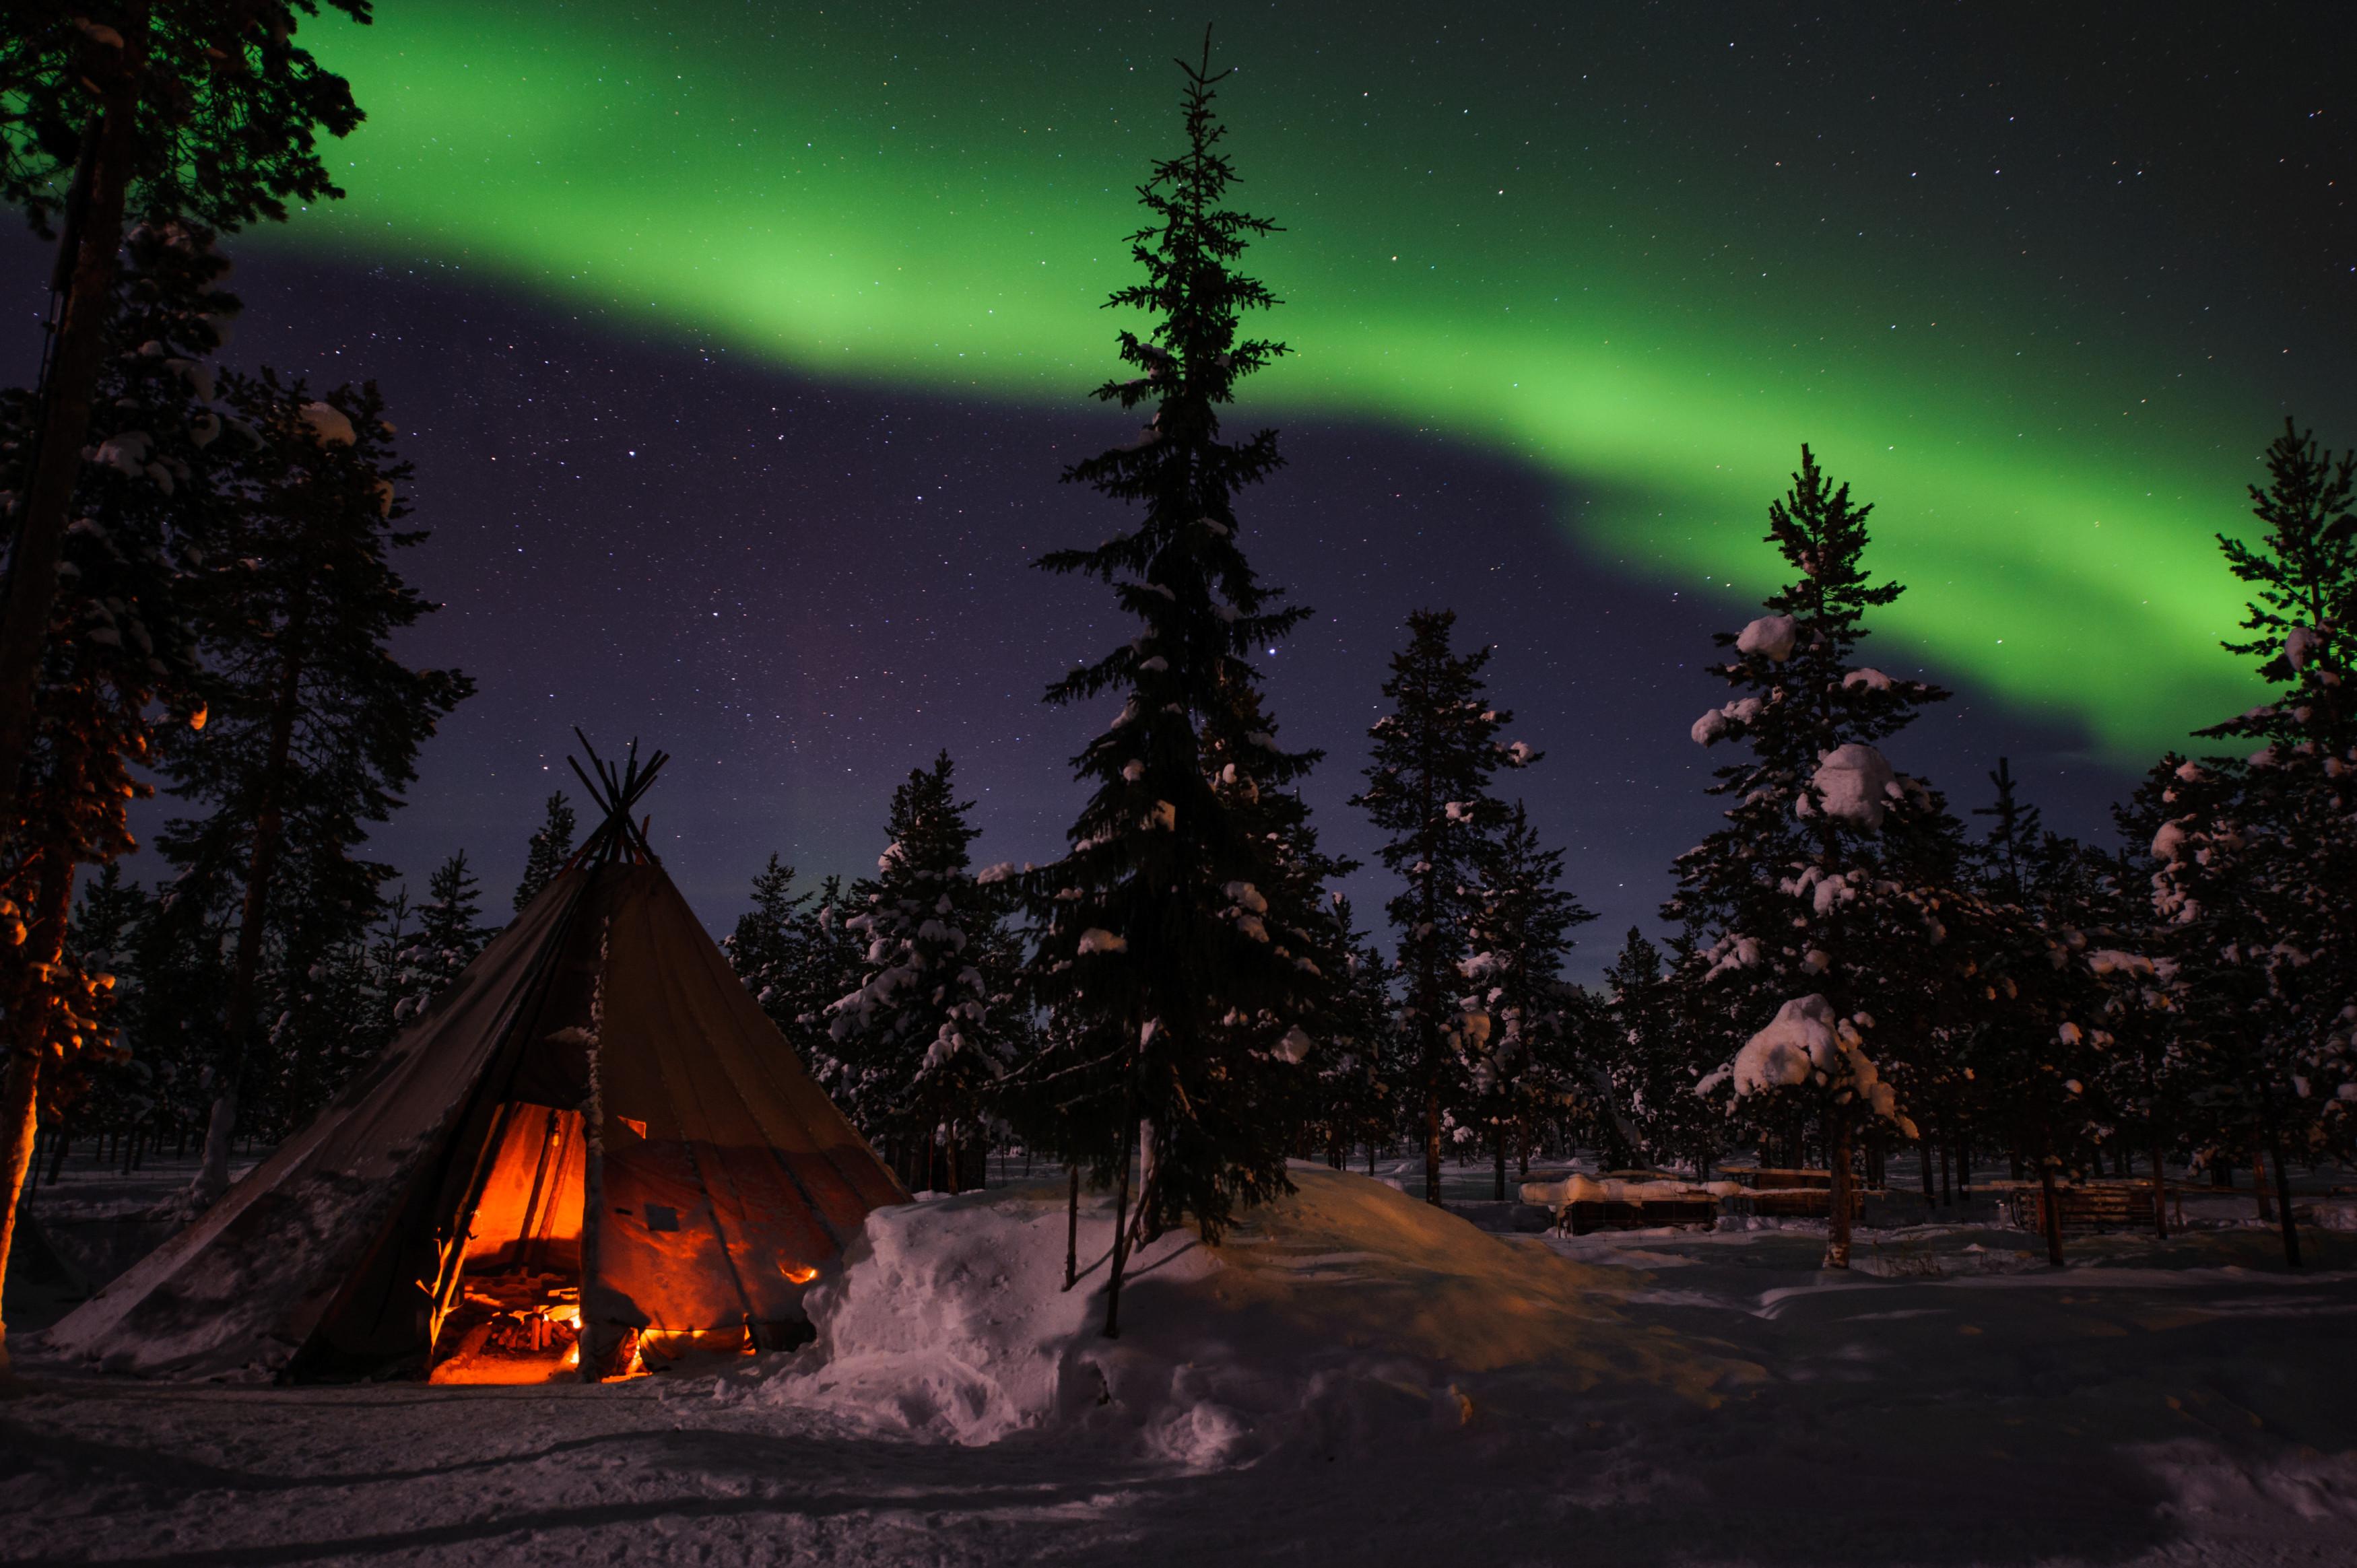 Photo Credit: Lola Akinmade Åkerström/imagebank.sweden.se